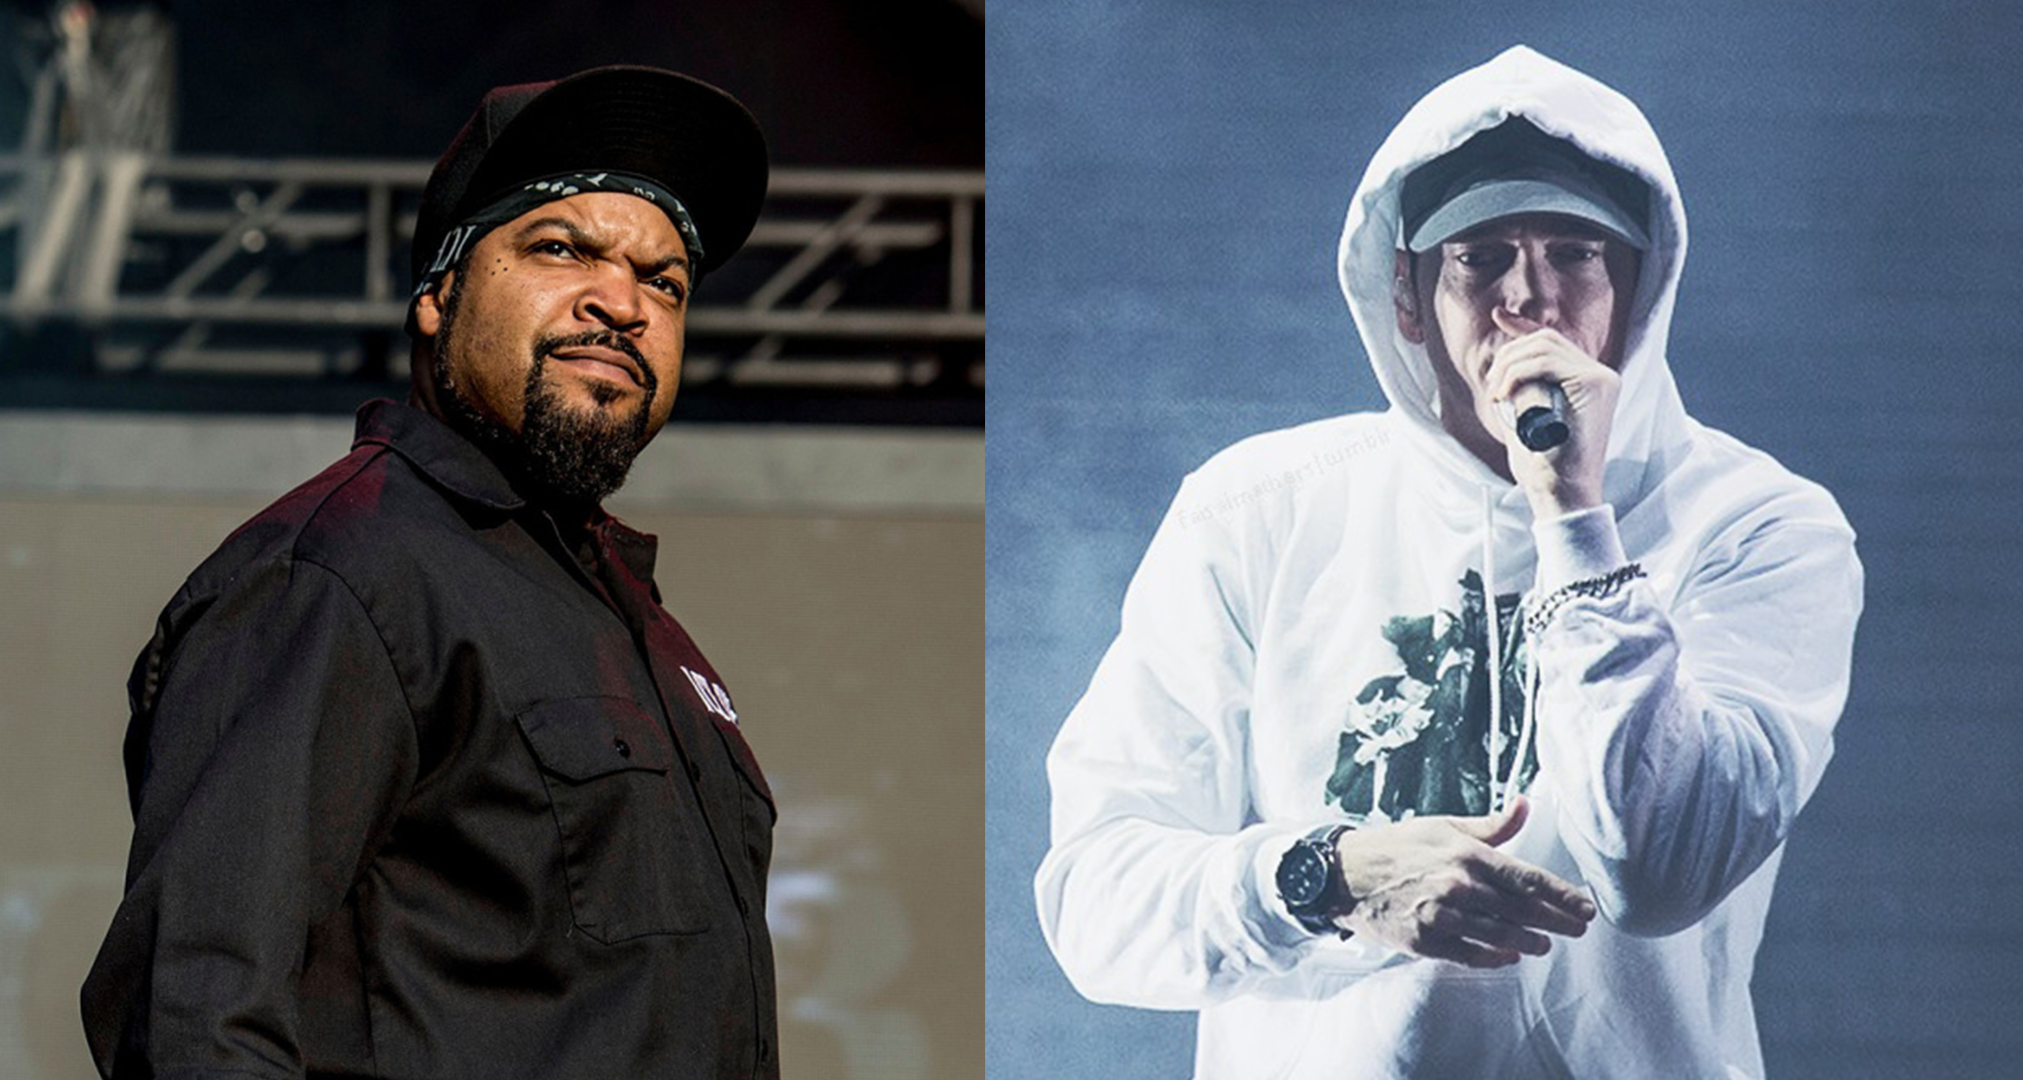 ice-cube-eminem-top-10-rappers-emcees-eminem